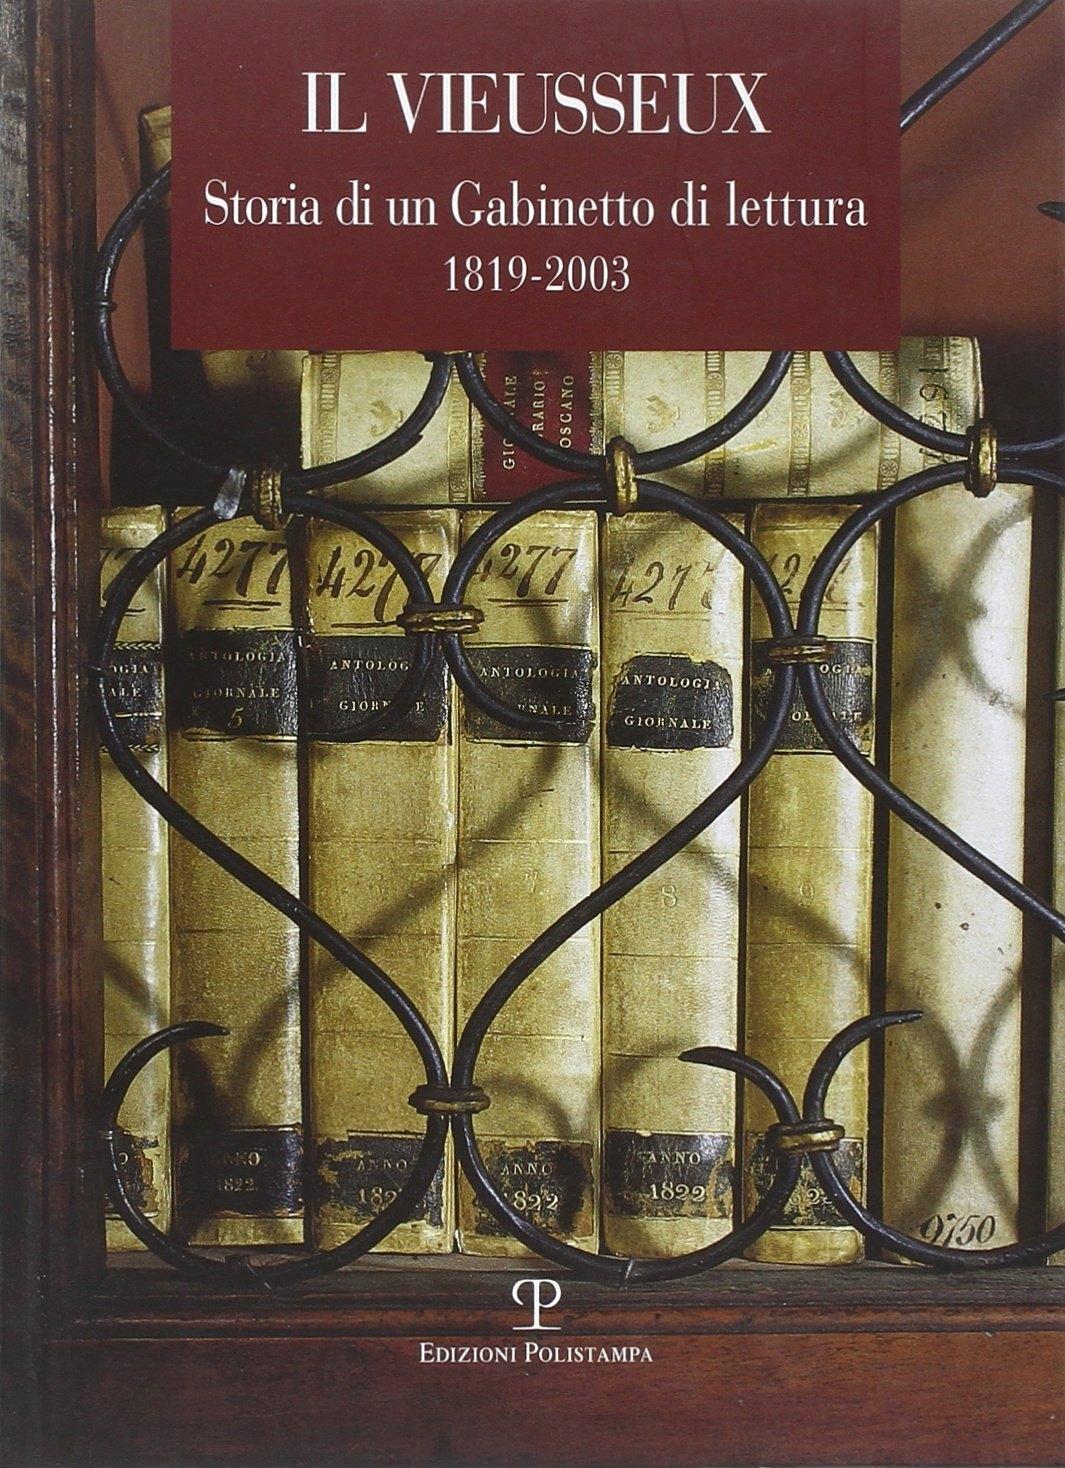 Il Vieusseux. Storia di un Gabinetto di lettura 1819-2003.